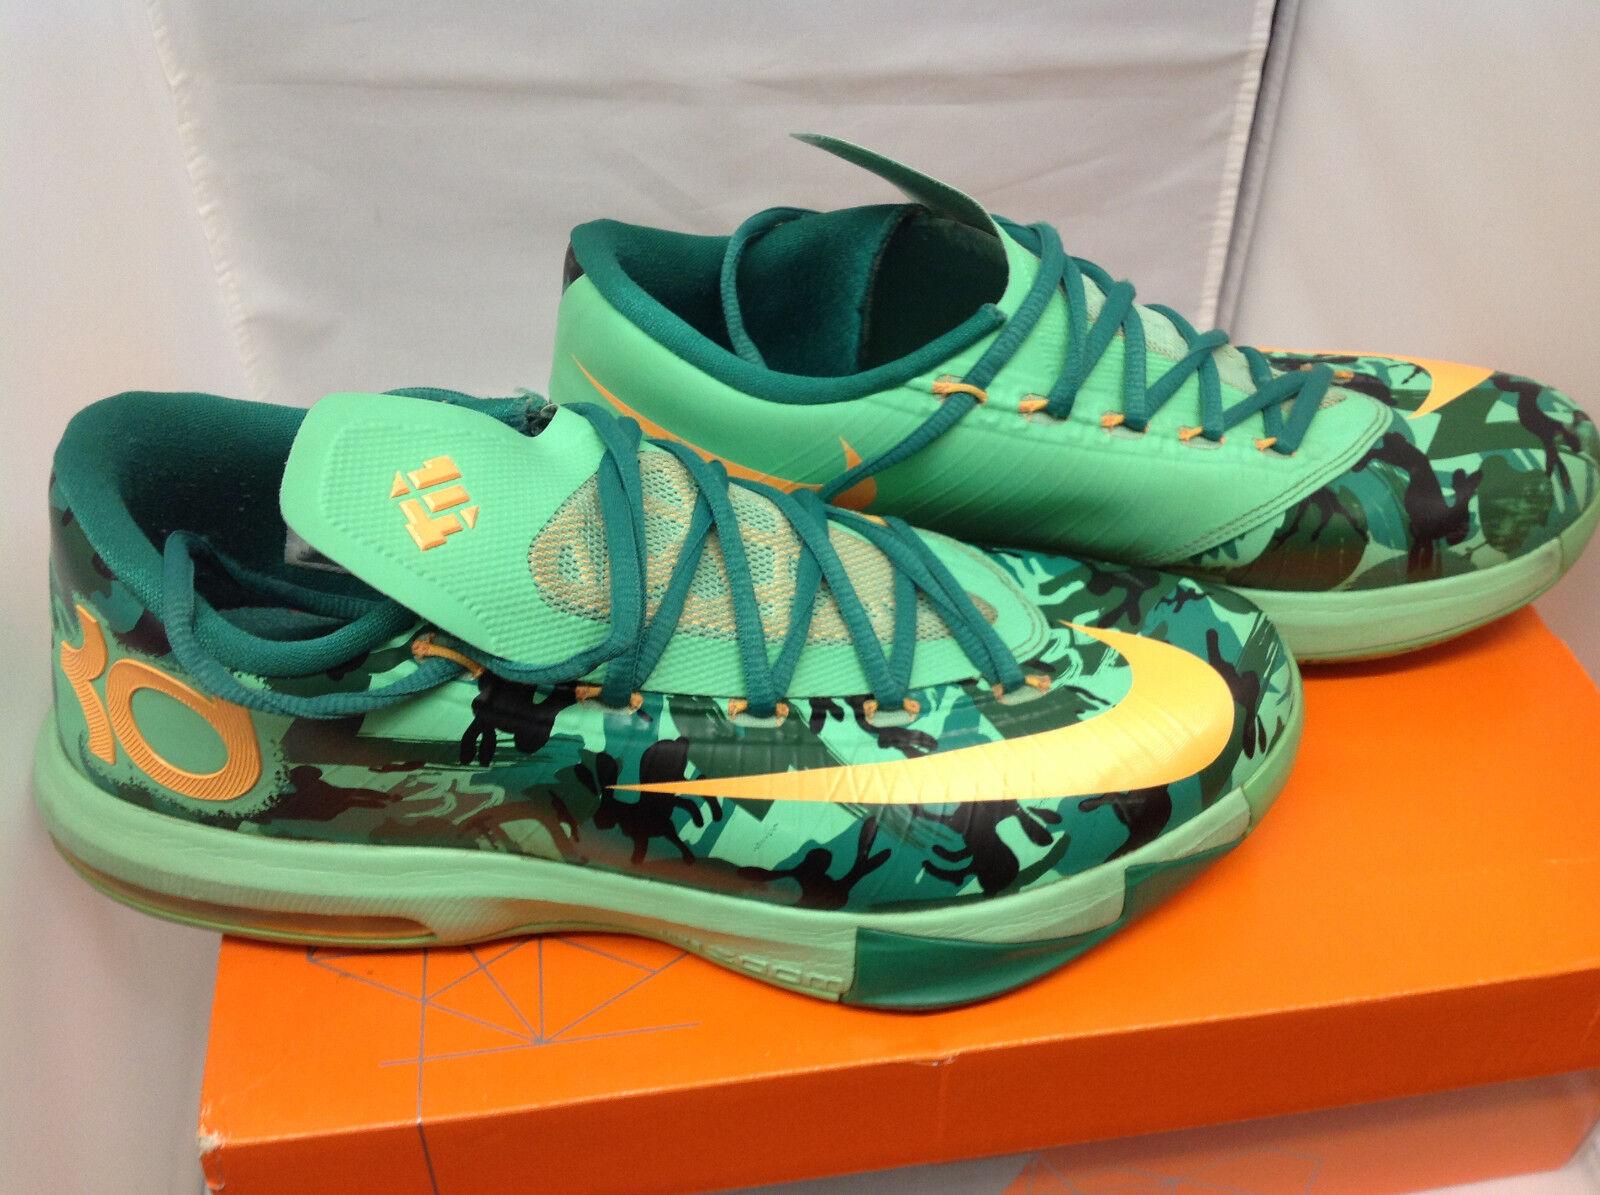 Nike kd vi 6 pasqua lucida verde 599424 303 taglia 10 uomini w / scatola originale